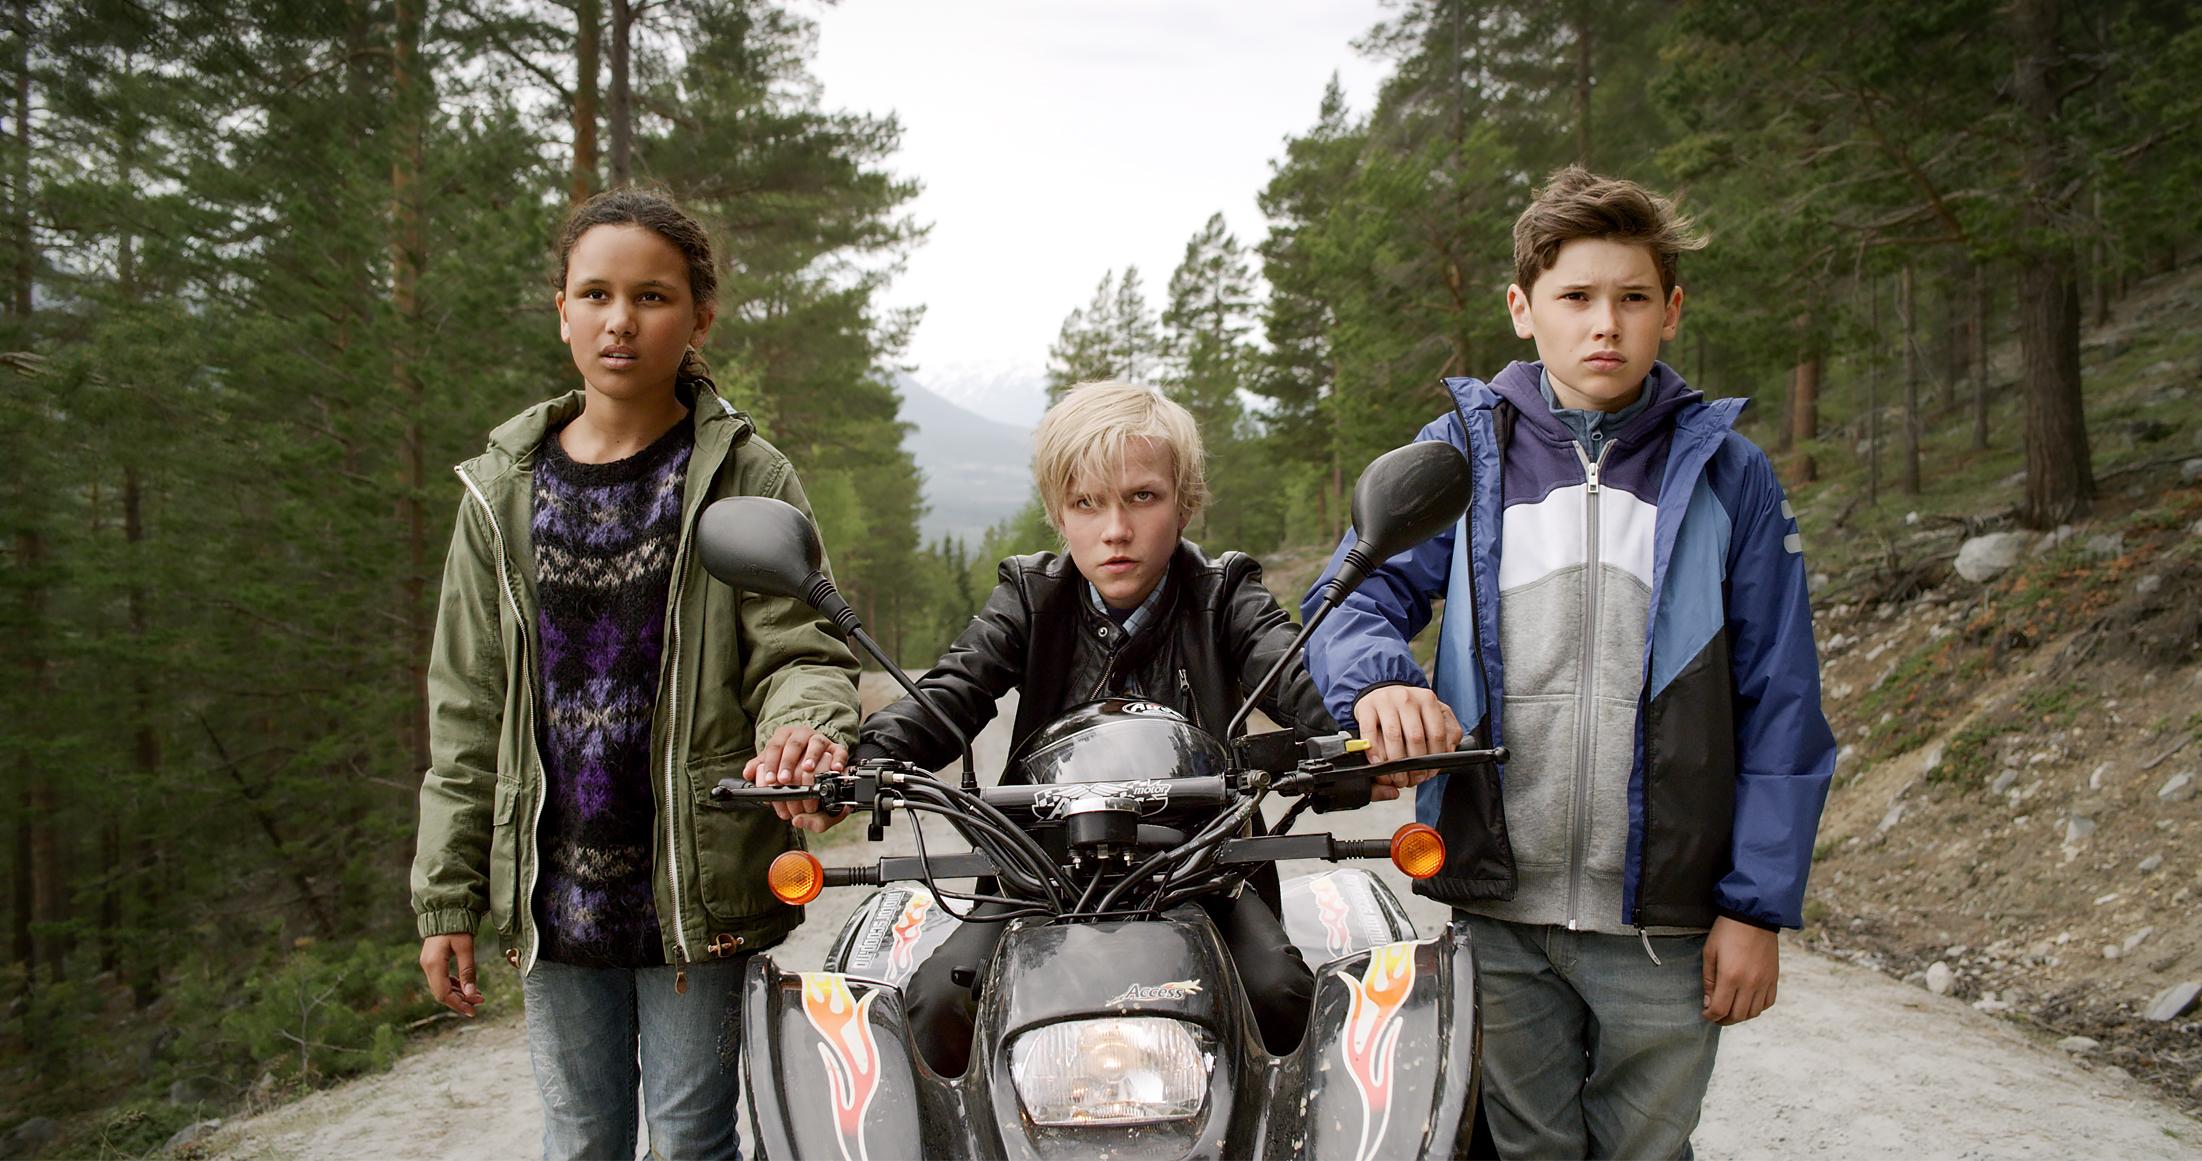 """""""Trio - Odins gull"""" spilles inn i Skjåk og omegn og vant Gullruten 2014 for beste barne- eller ungdomsprogram. Foto: NordicStories."""